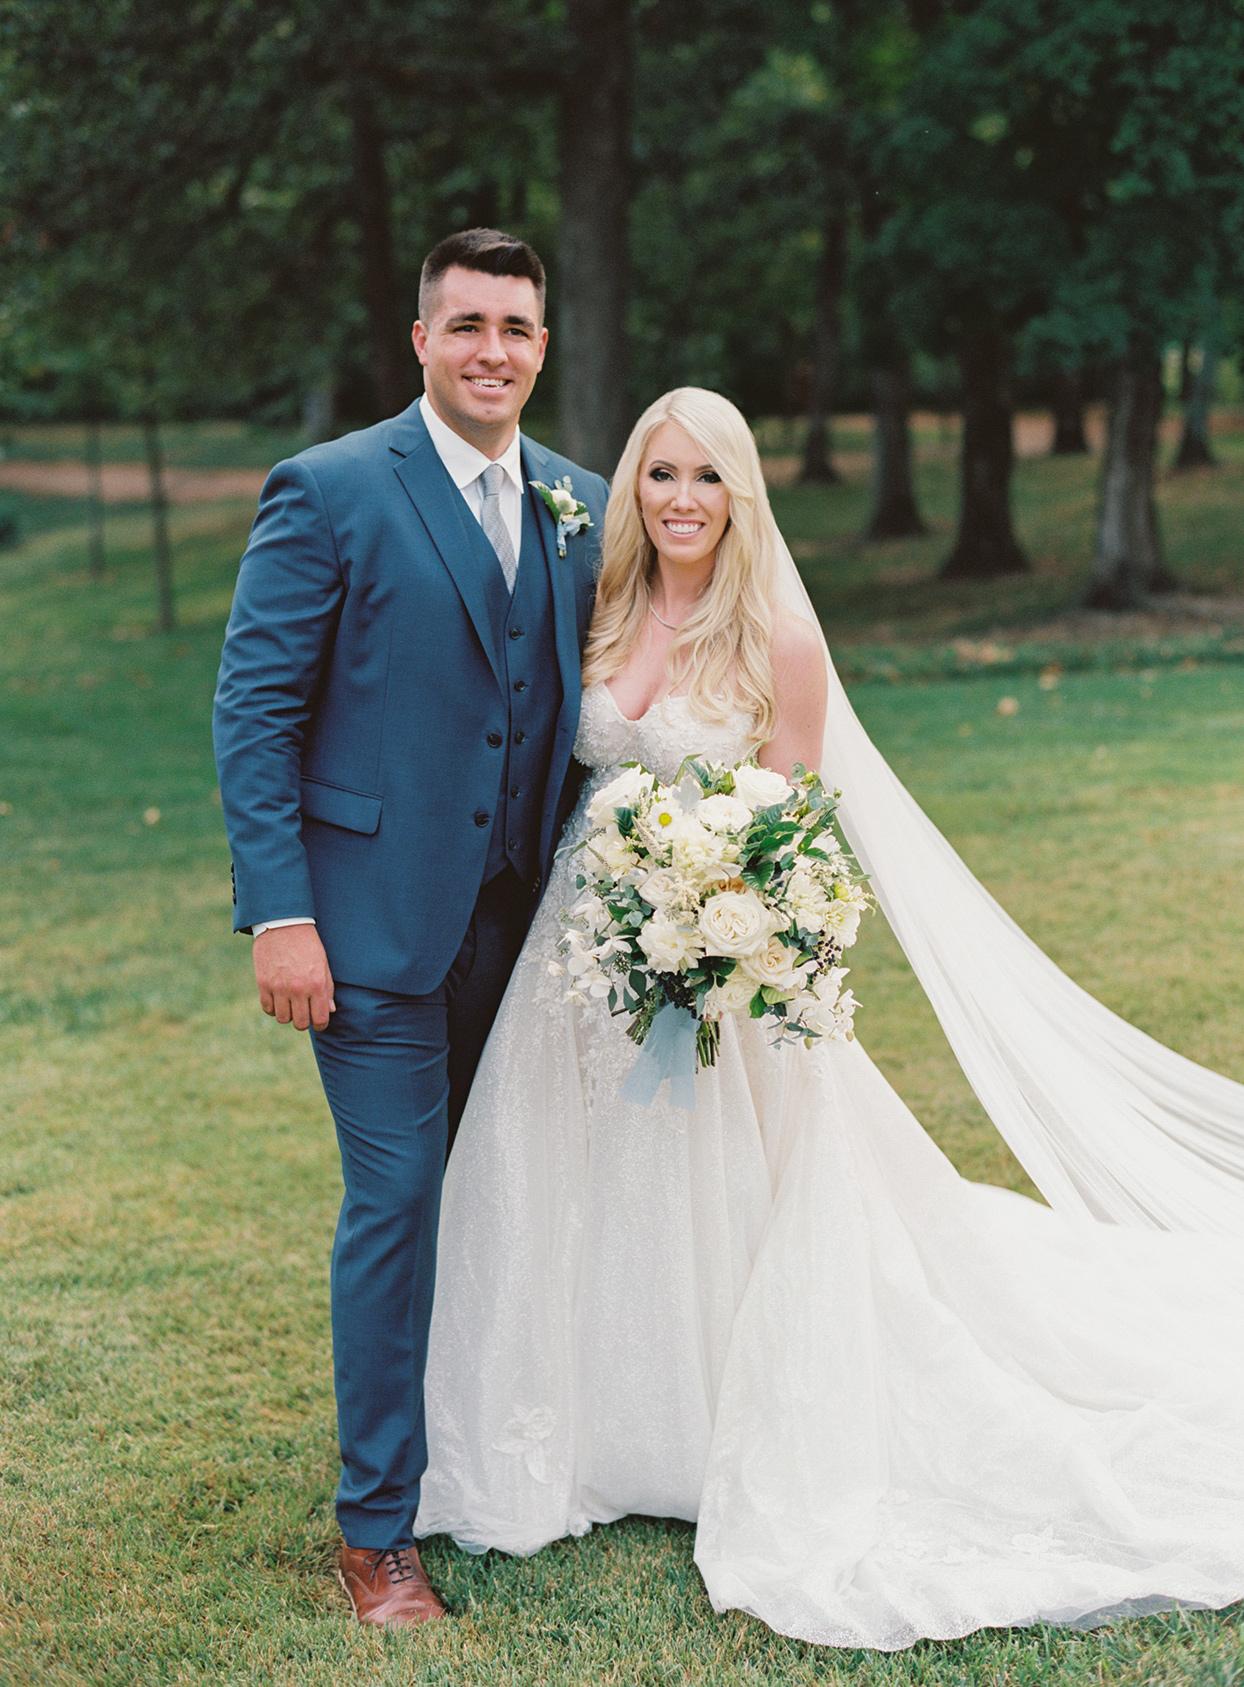 lauren chris wedding couple portrait on the lawn